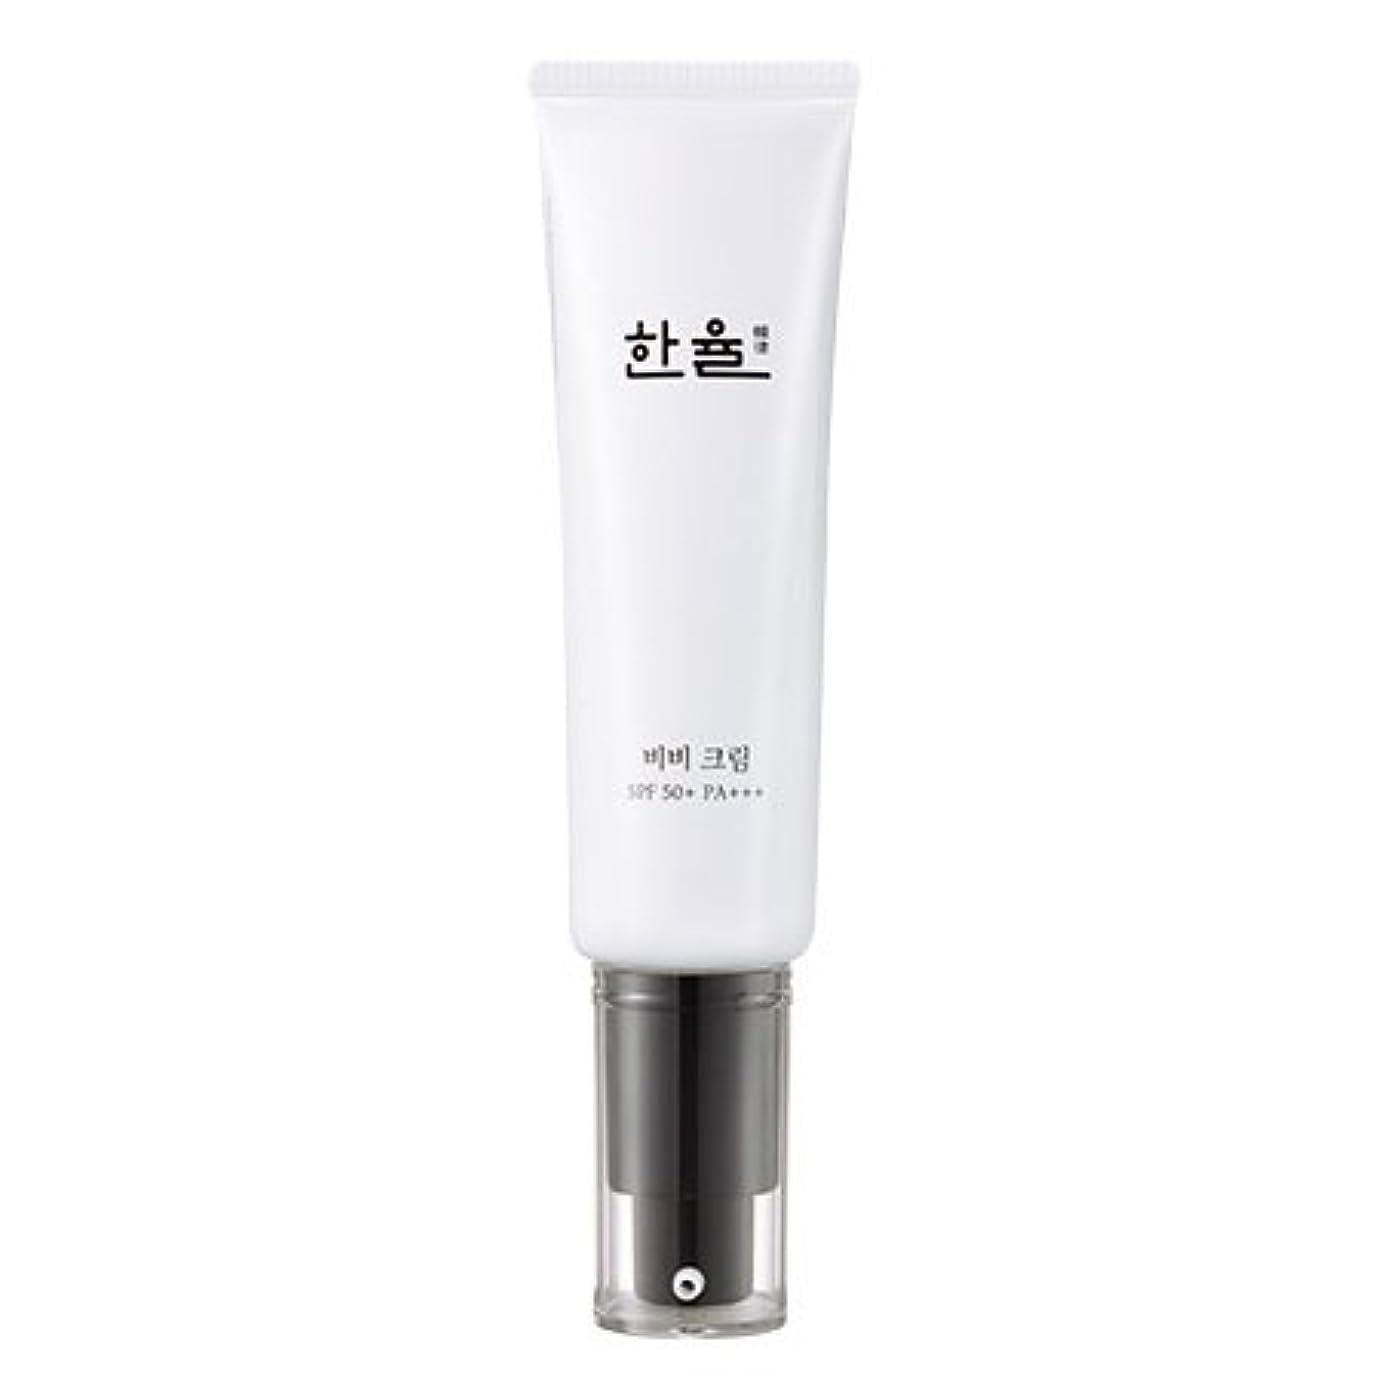 クスクス同一の前述のHANYUL BB Cream 40ml/ハンユル BBクリーム 40ml (#2 Natural Beige) [並行輸入品]